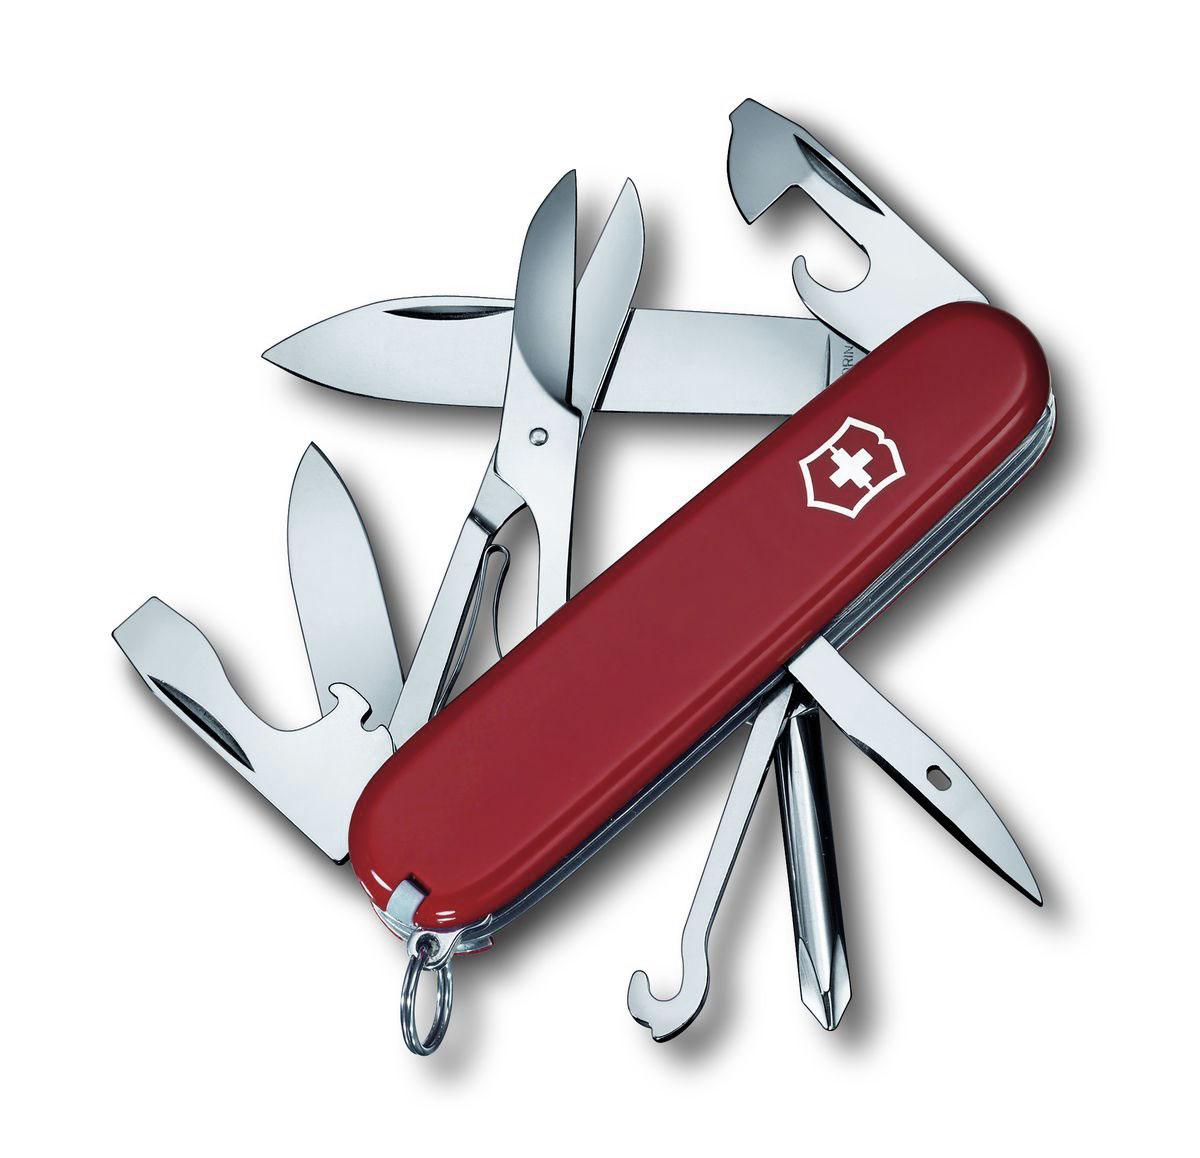 Нож перочинный Victorinox Super Tinker, цвет: красный, 14 функций, 9,1 см1.4703Лезвие перочинного складного ножа Victorinox Super Tinker изготовлено из высококачественной нержавеющей стали. Ручка, выполненная из прочного пластика, обеспечивает надежный и удобный хват.Хорошее качество, надежный долговечный материал и эргономичная рукоятка - что может быть удобнее на природе или на пикнике!Функции ножа:Большое лезвие.Малое лезвие.Крестовая отвертка.Консервный нож с малой отверткой.Открывалка для бутылок с отверткой.Инструмент для снятия изоляции.Шило, кернер.Кольцо для ключей.Пинцет.Зубочистка.Ножницы.Многофункциональный крючок.Длина ножа в сложенном виде: 9,1 см.Длина ножа в разложенном виде: 16 см.Длина большого лезвия: 7 см.Длина малого лезвия: 4,2 см.